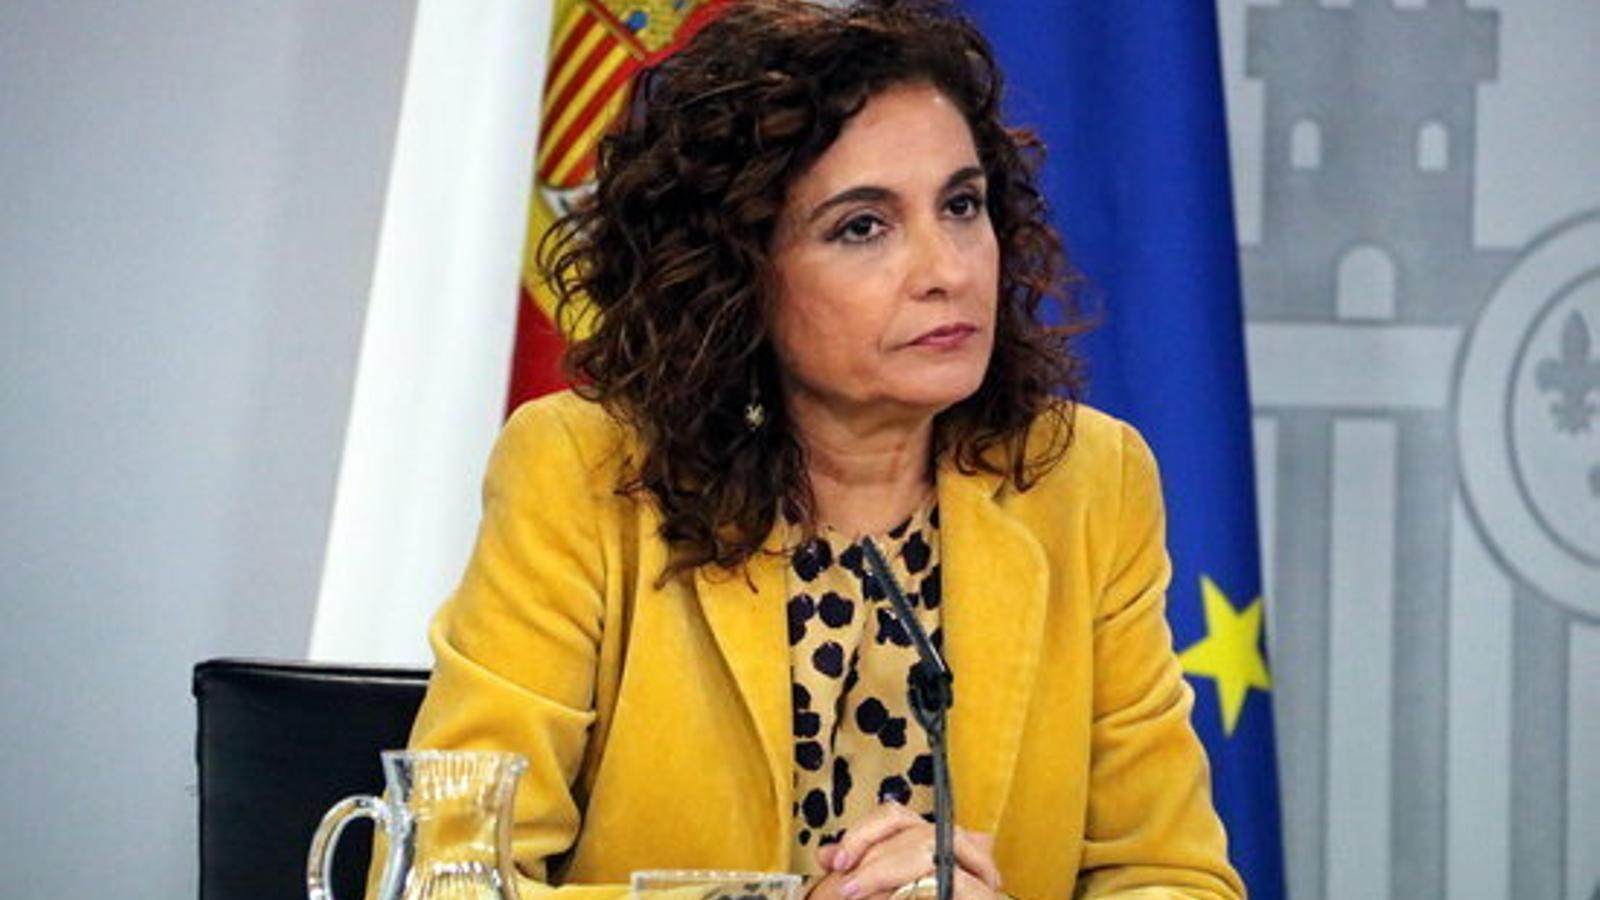 El govern espanyol aprova una moratòria de la quota dels autònoms i prohibeix tallar l'aigua i l'electricitat